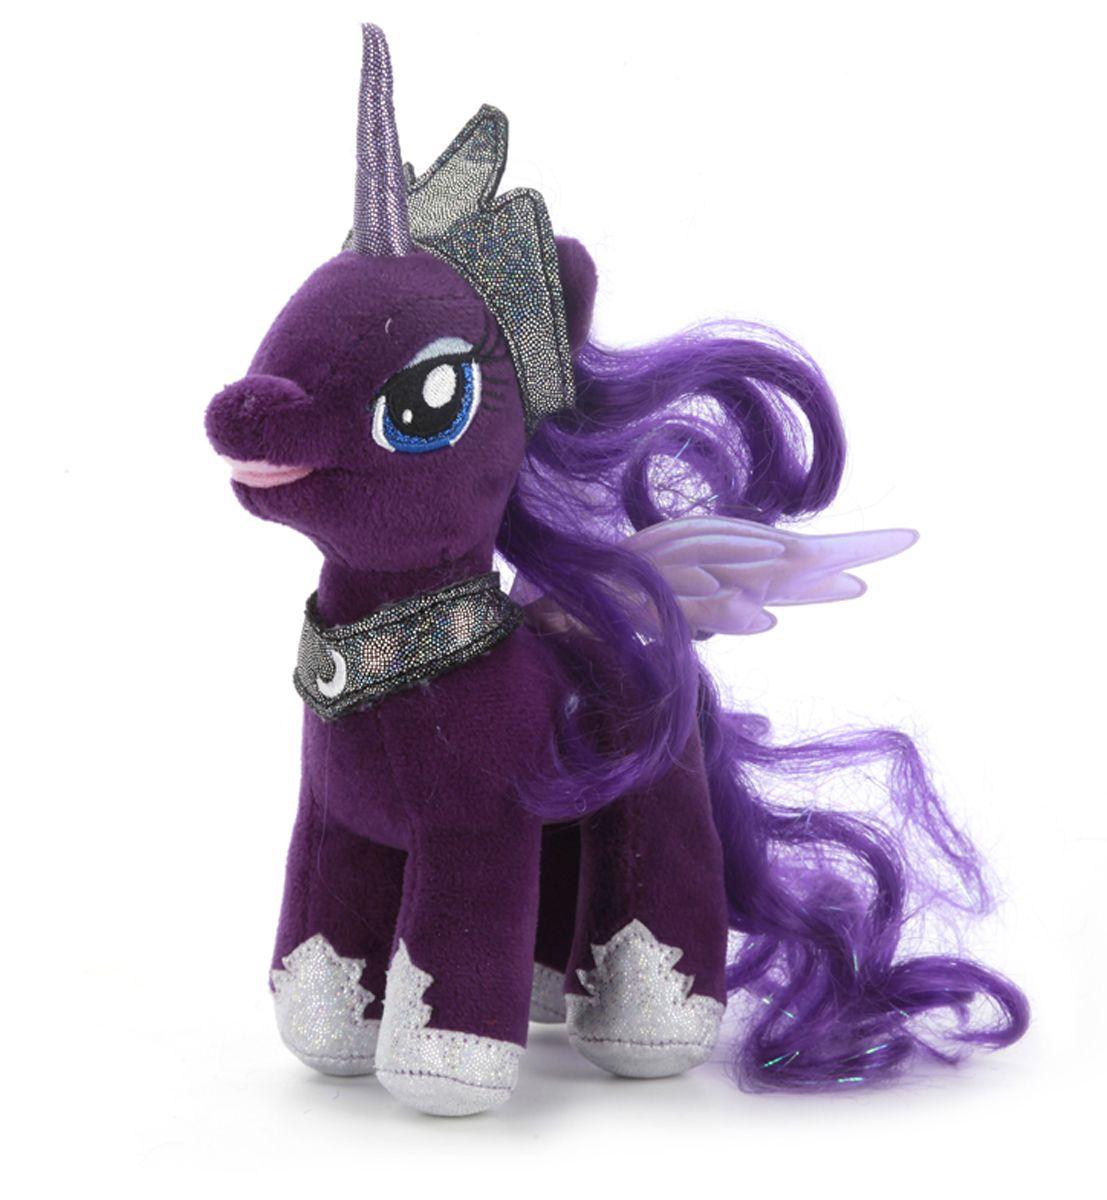 Мульти-Пульти Мягкая игрушка Принцесса Луна My Little PonyV62018/17Мягкая игрушка сама по себе ассоциируется с радостью и весельем, конечно, и для наших детей такой подарок станет поистине незабываемым. Забавные, добрые мягкие игрушки радуют детей с самого рождения. Ведь уже в первые месяцы жизни ребенок проявляет интерес к плюшевым зверятам и необычным персонажам. Сначала они помогают ему познавать окружающий мир через тактильные ощущения, знакомят его с животным миром нашей планеты, формируют цветовосприятие и способствуют концентрации внимания. Принцесса Луна My Little Pony поет на русском языке.